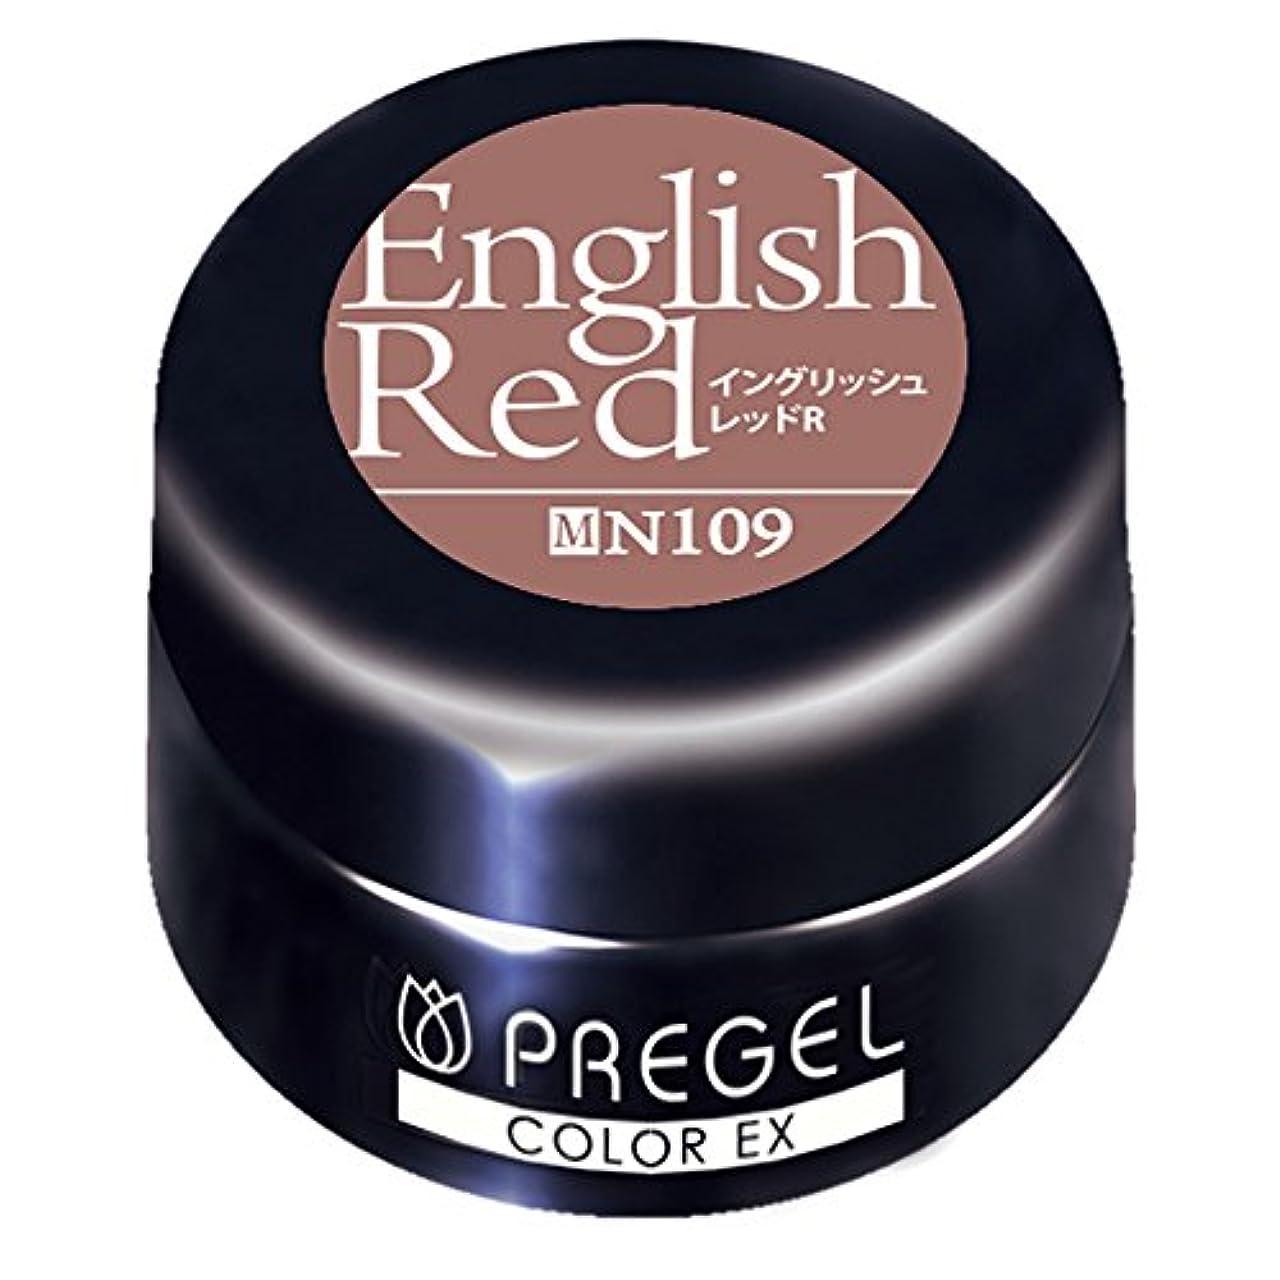 ファイバサンドイッチ占めるPRE GEL カラージェル カラーEX イングリッシュレッド R109 3g UV/LED対応タイオウ